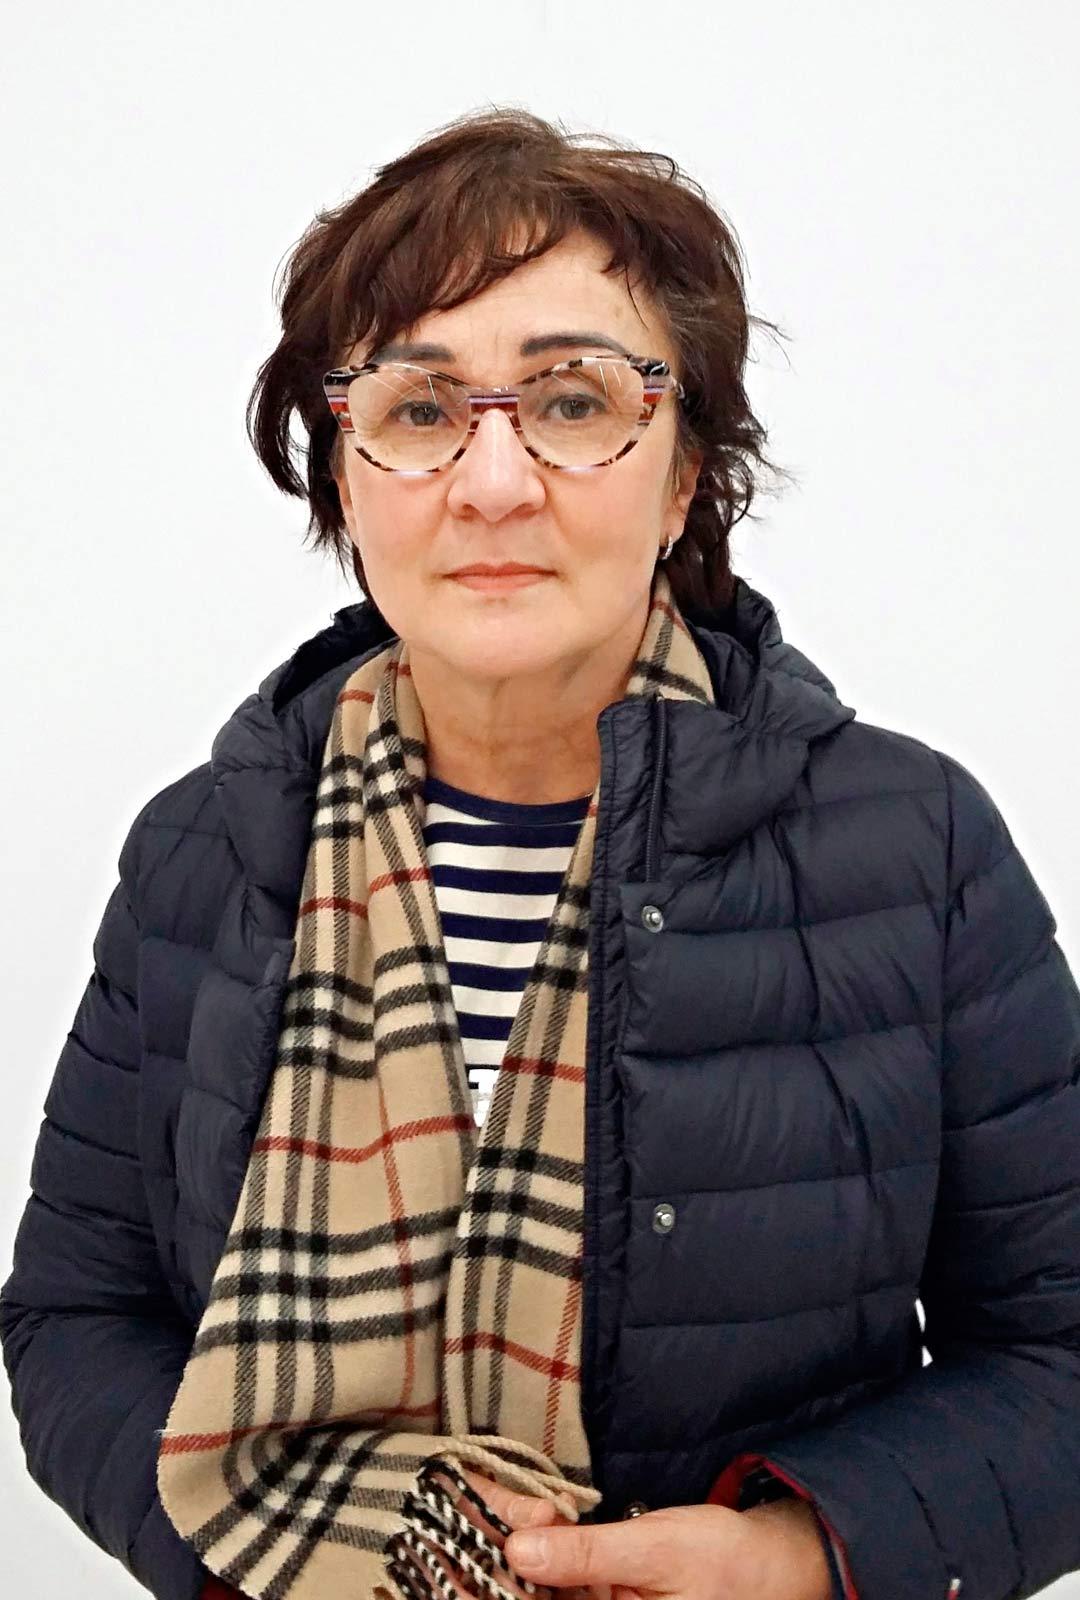 Sisko Eskelinen ennen muuttujapäivää.